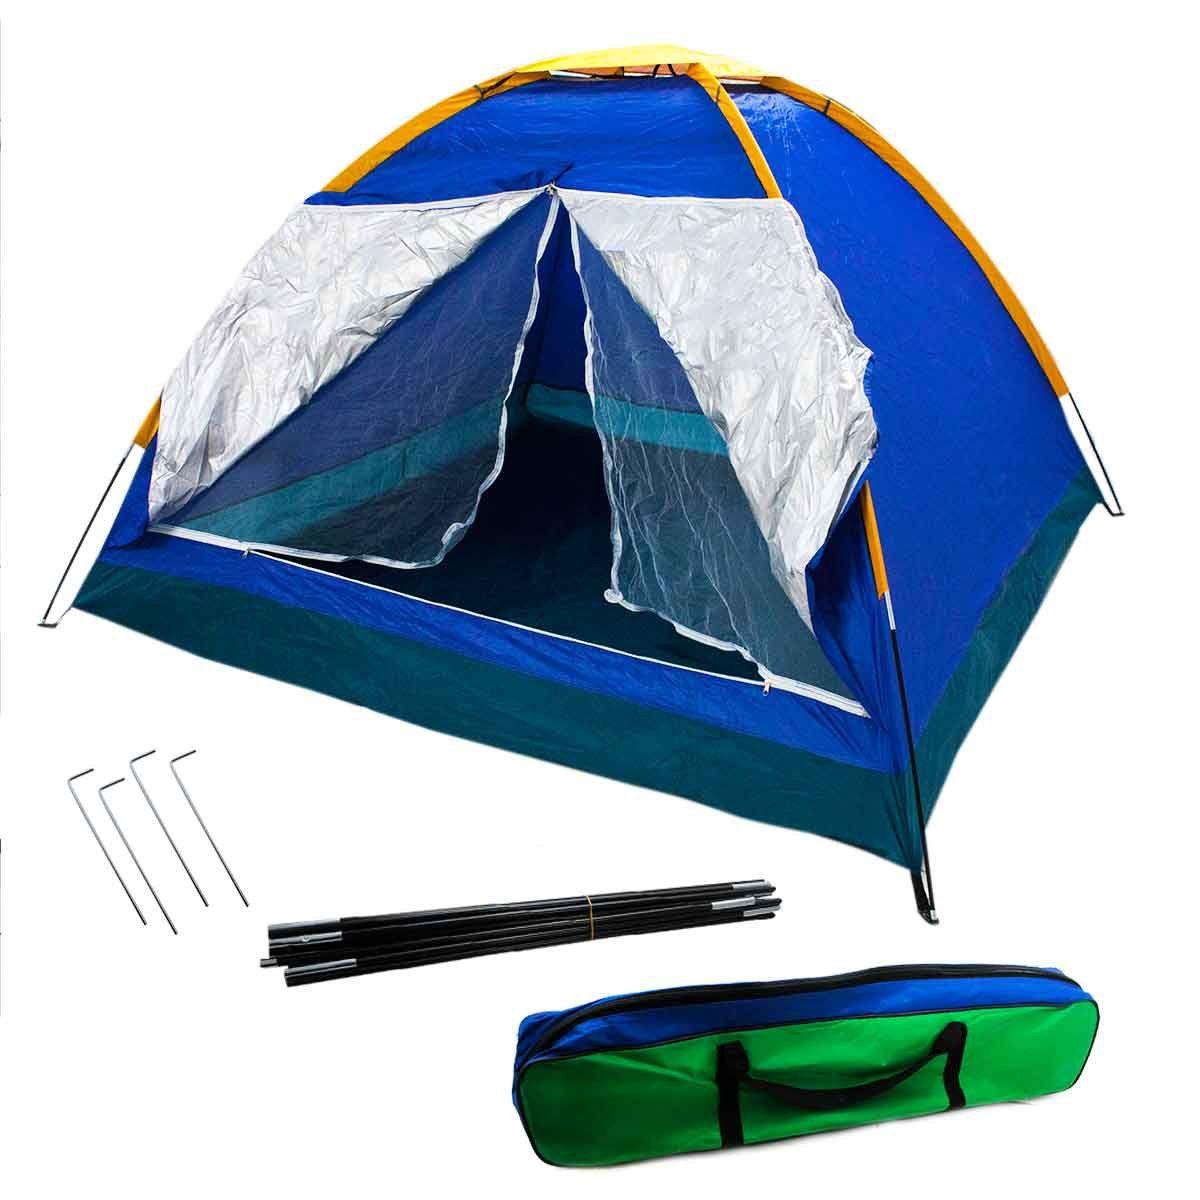 Barraca Camping Iglu Tenda 5 Pessoas Acampamento Praia Bolsa